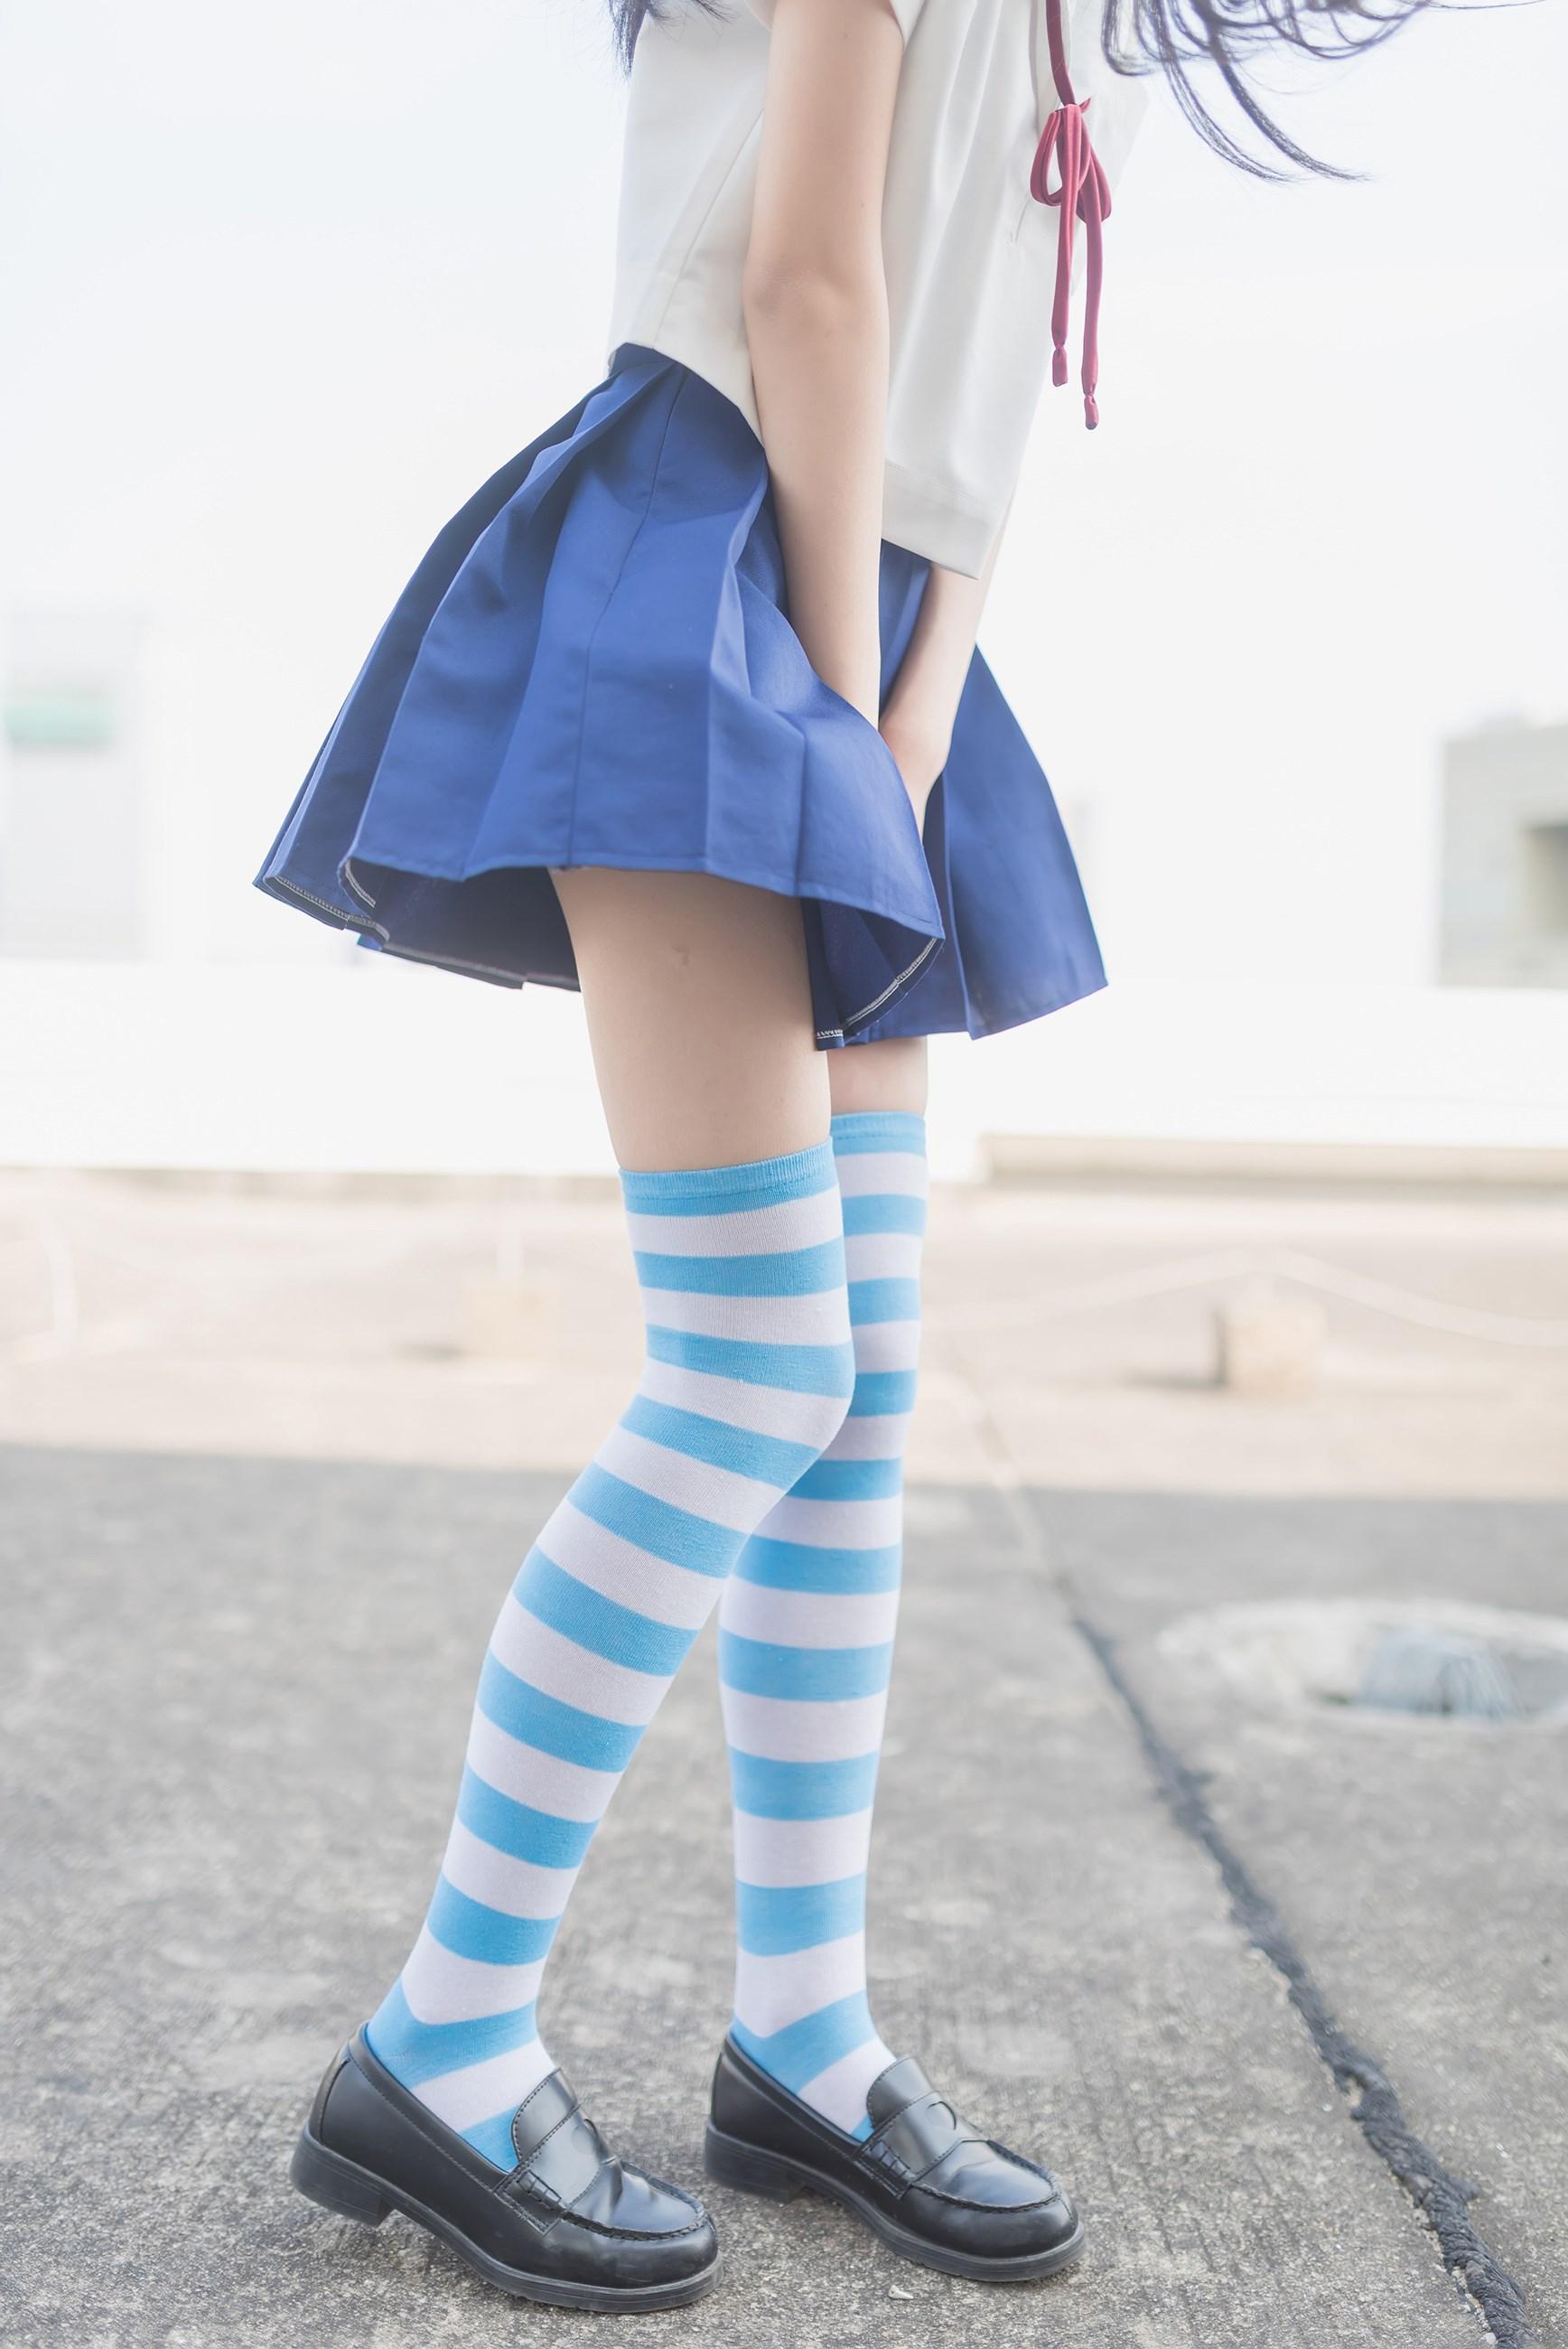 【兔玩映画】蓝白条纹的小细腿 兔玩映画 第22张